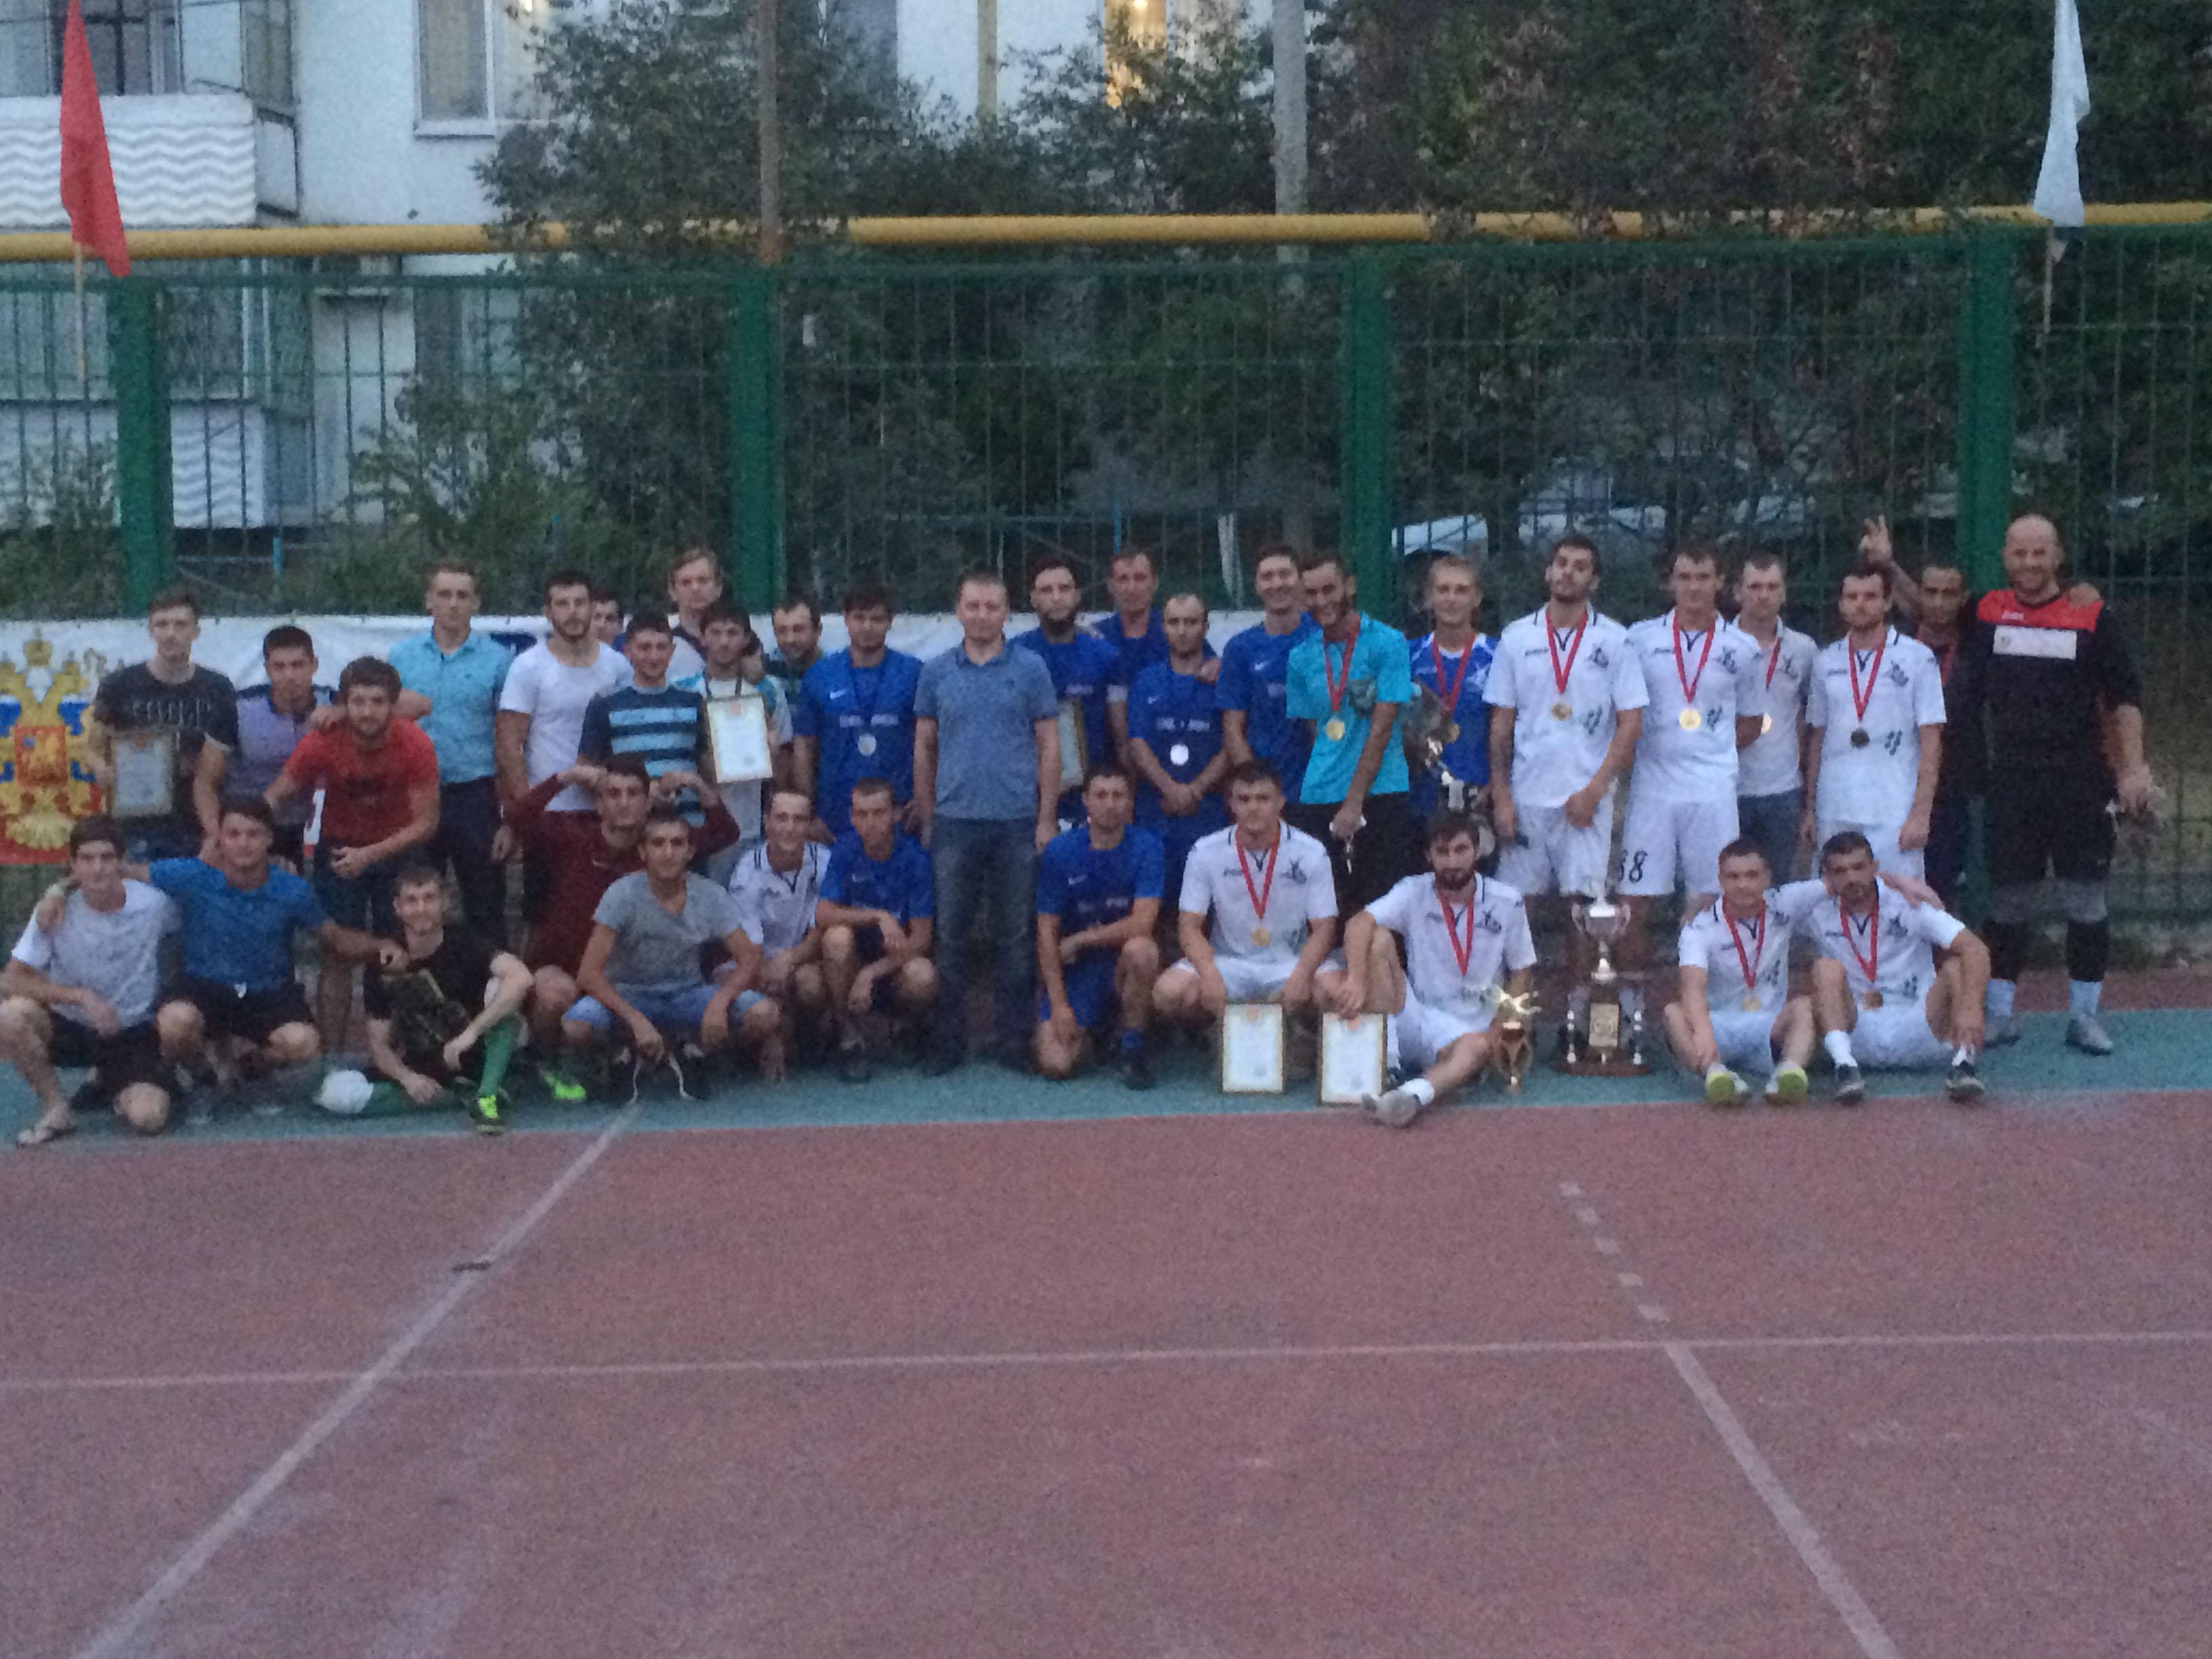 Награждение Финала кубка г. Новороссийска по мини-футболу среди предприятий 2016